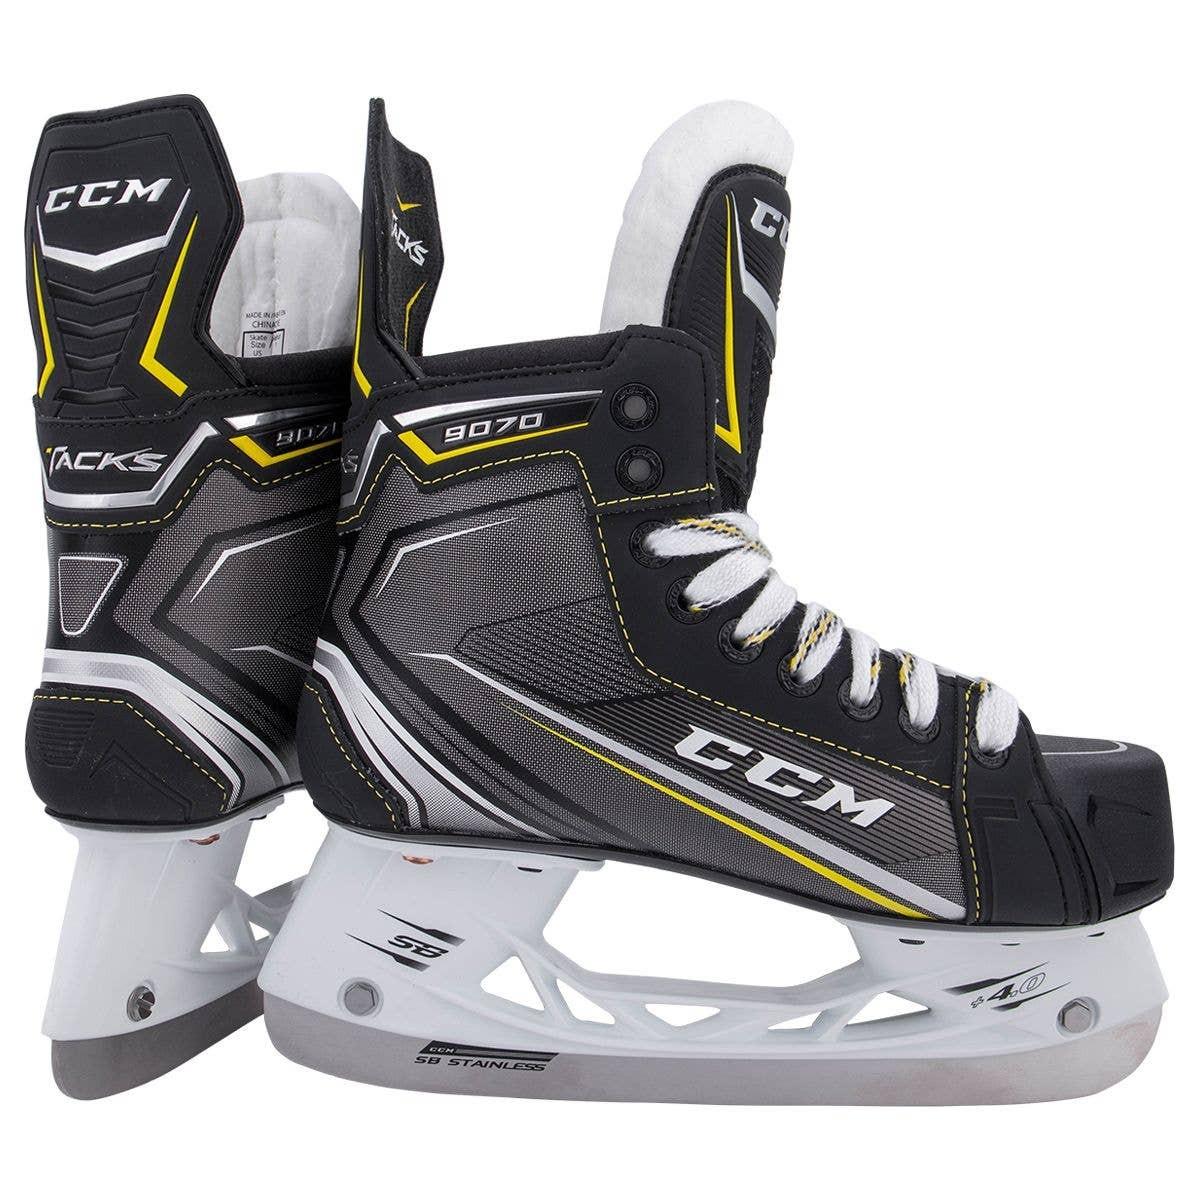 CCM Tacks 9070 Junior Ice Hockey Skates